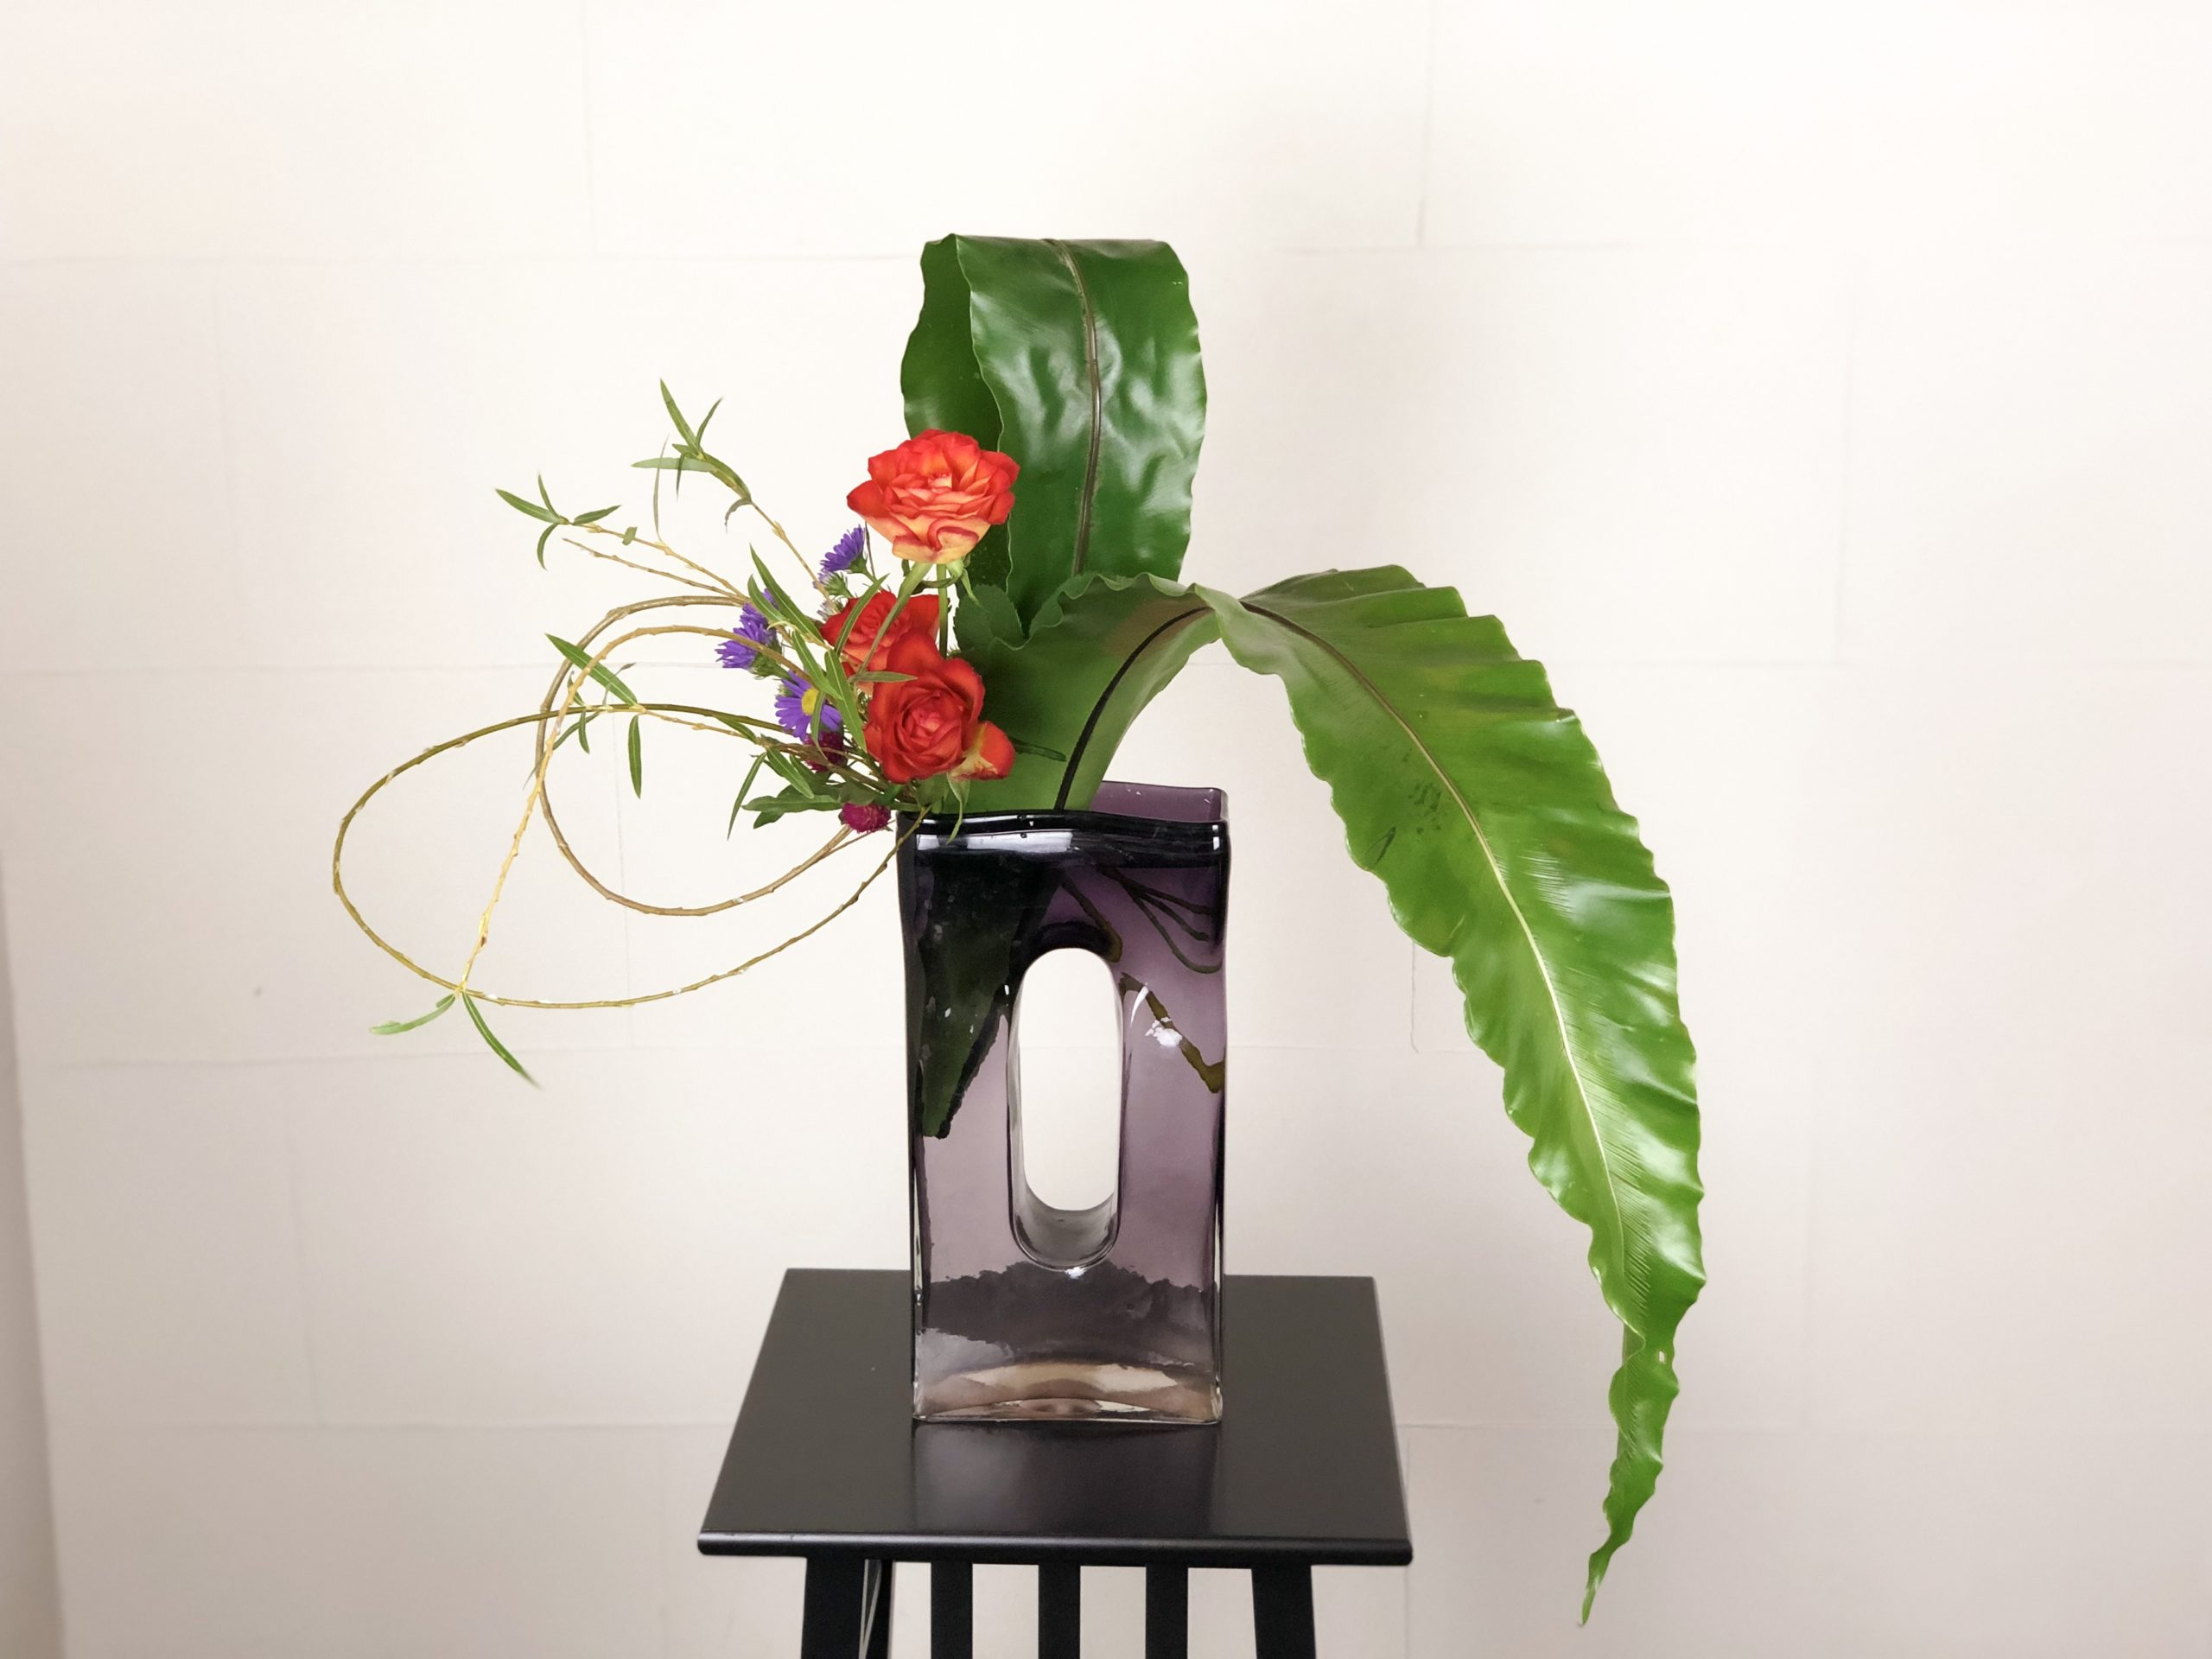 枝物と葉物の役割を交代する生け花